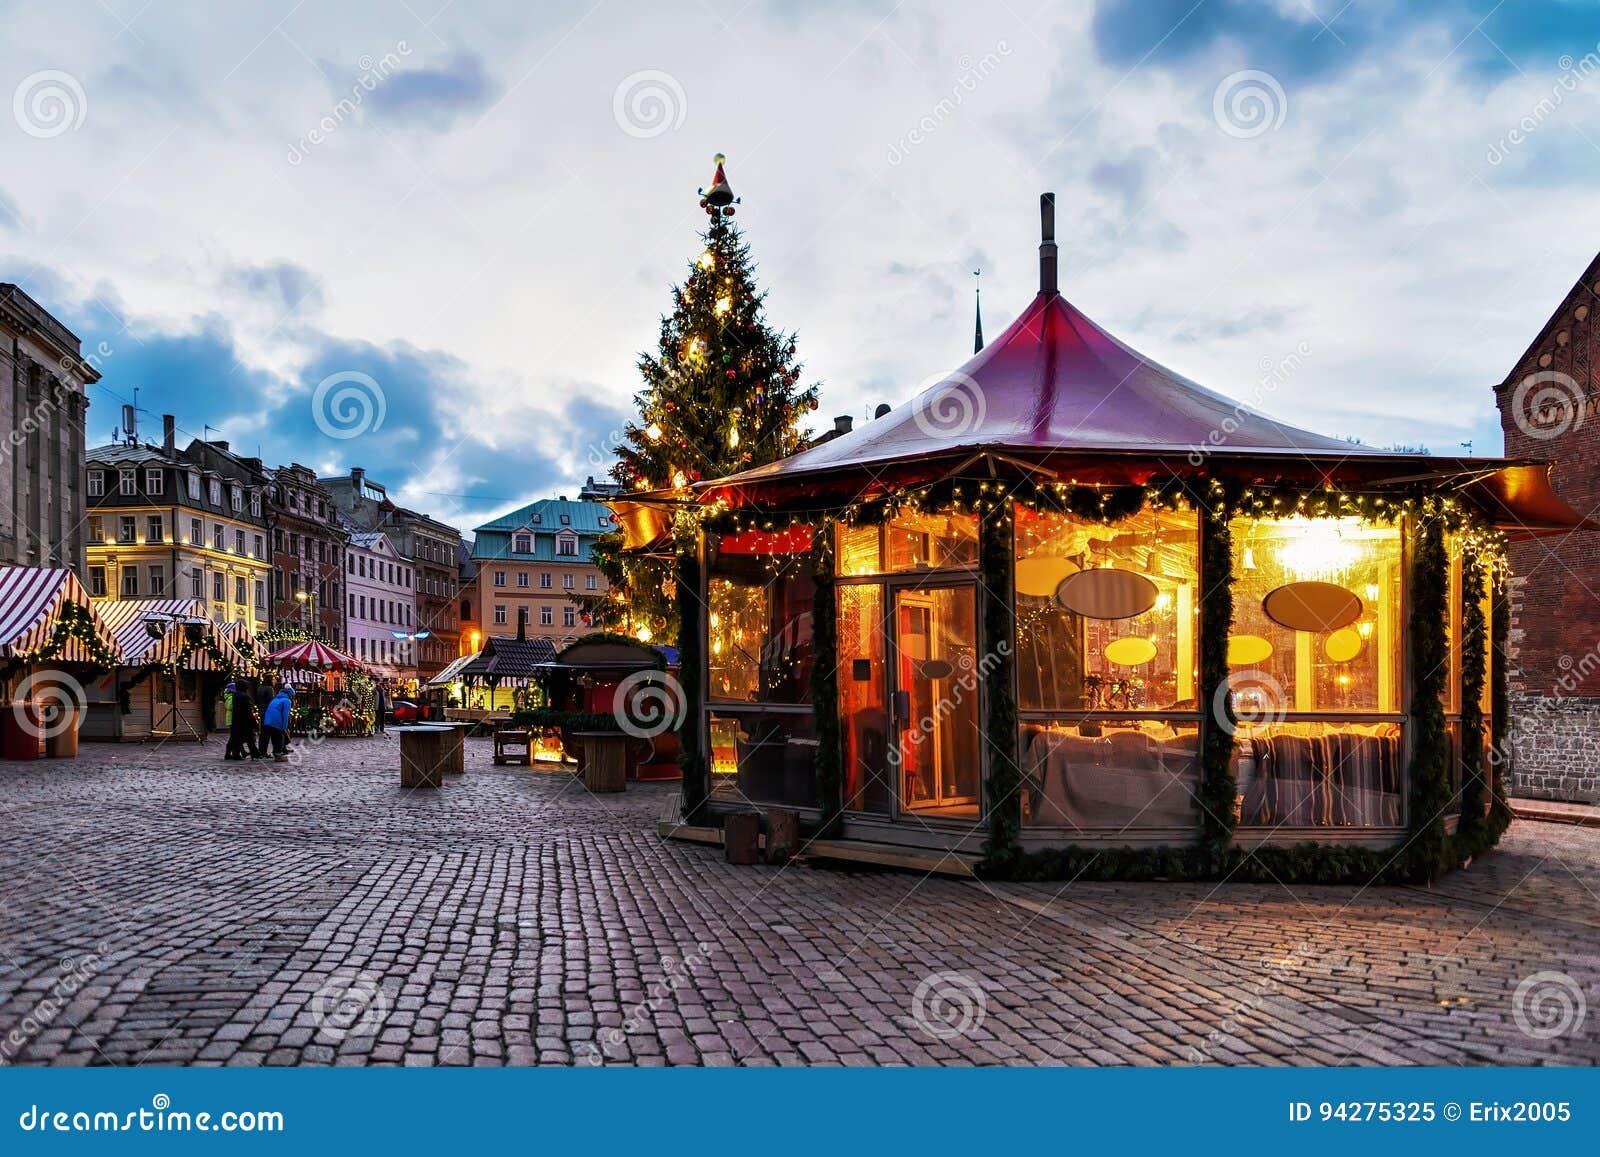 Weihnachtsmarkt Anfang.Weihnachtspavillon Am Weihnachtsmarkt In Riga Redaktionelles Bild